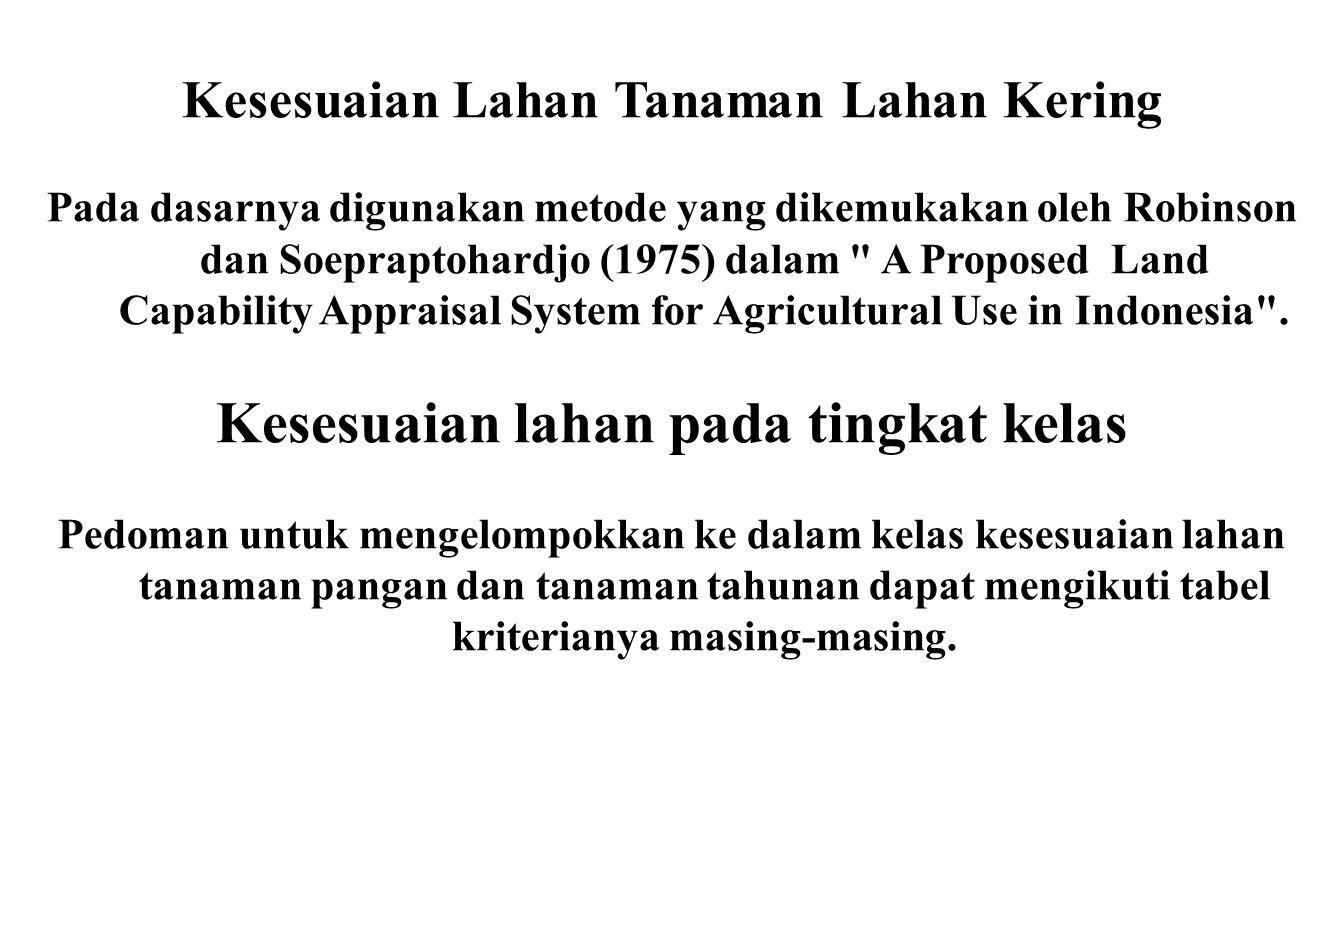 Kesesuaian Lahan Tanaman Lahan Kering Pada dasarnya digunakan metode yang dikemukakan oleh Robinson dan Soepraptohardjo (1975) dalam A Proposed Land Capability Appraisal System for Agricultural Use in Indonesia .